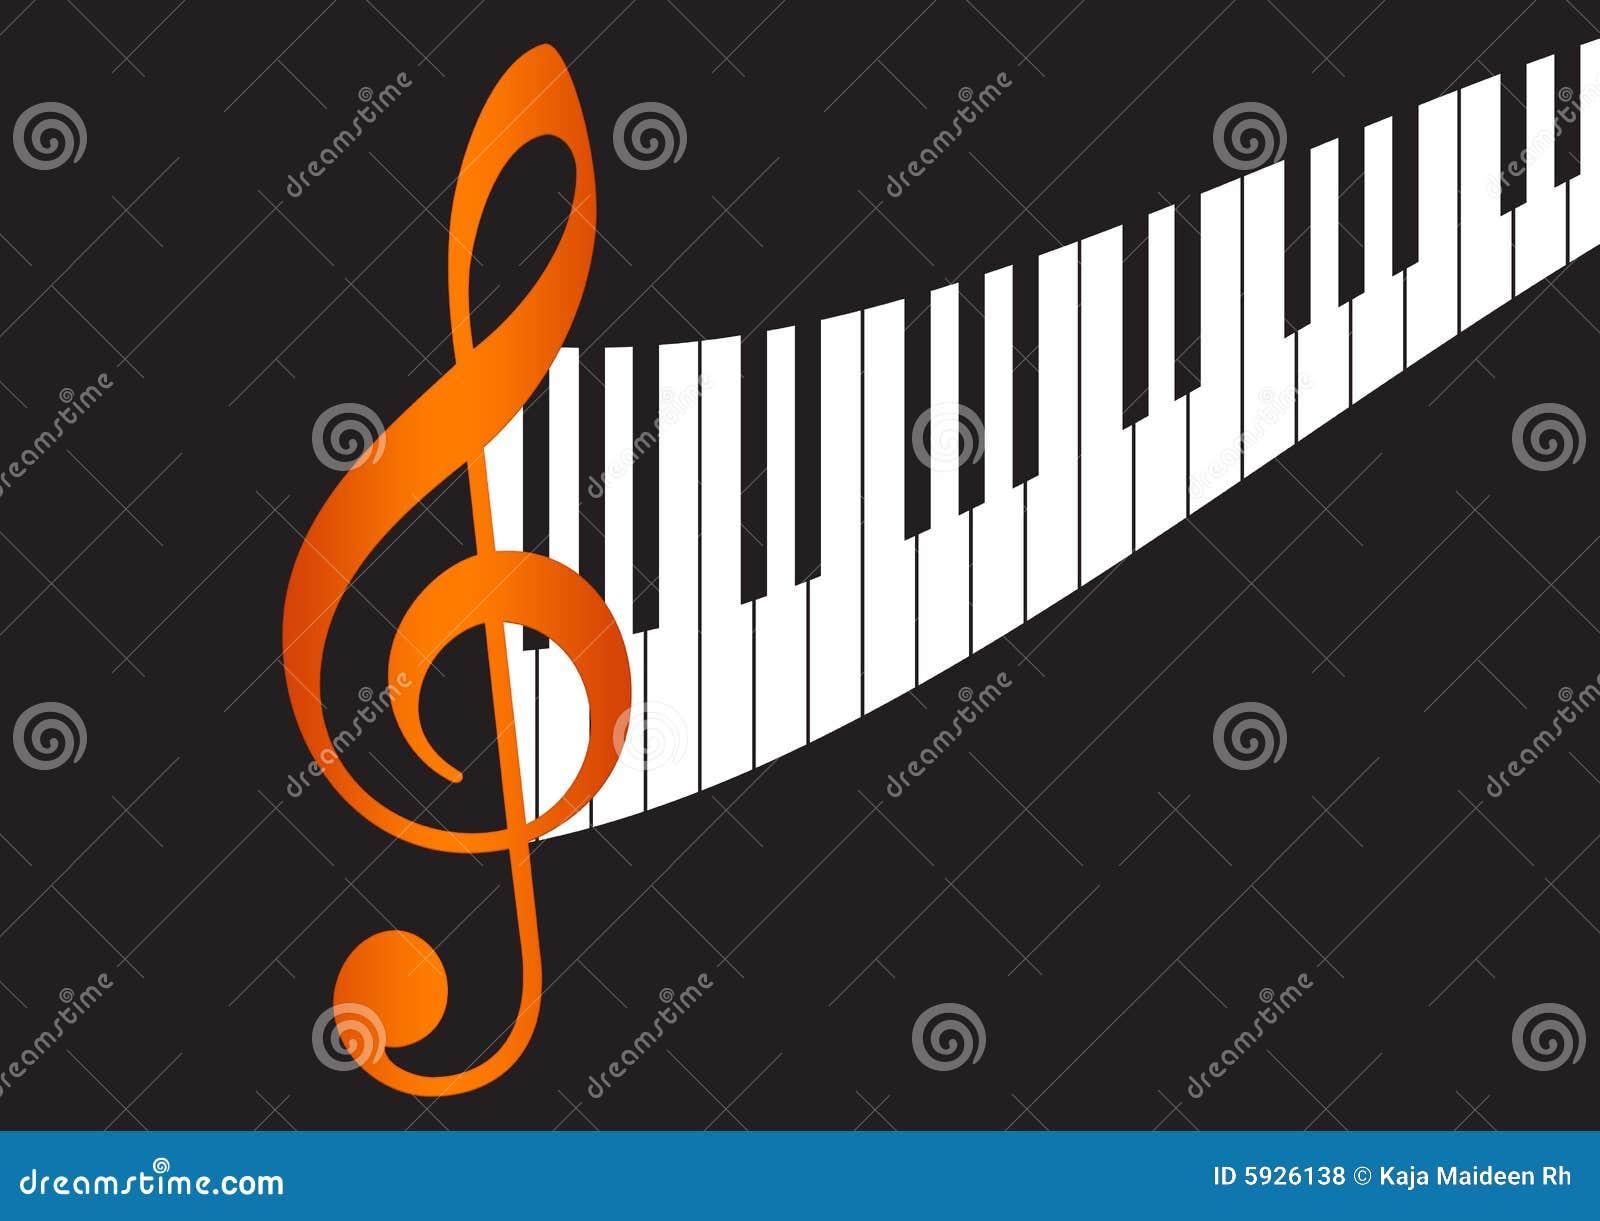 Teclado de piano ondulado fotos de stock royalty free for Imagenes de techados